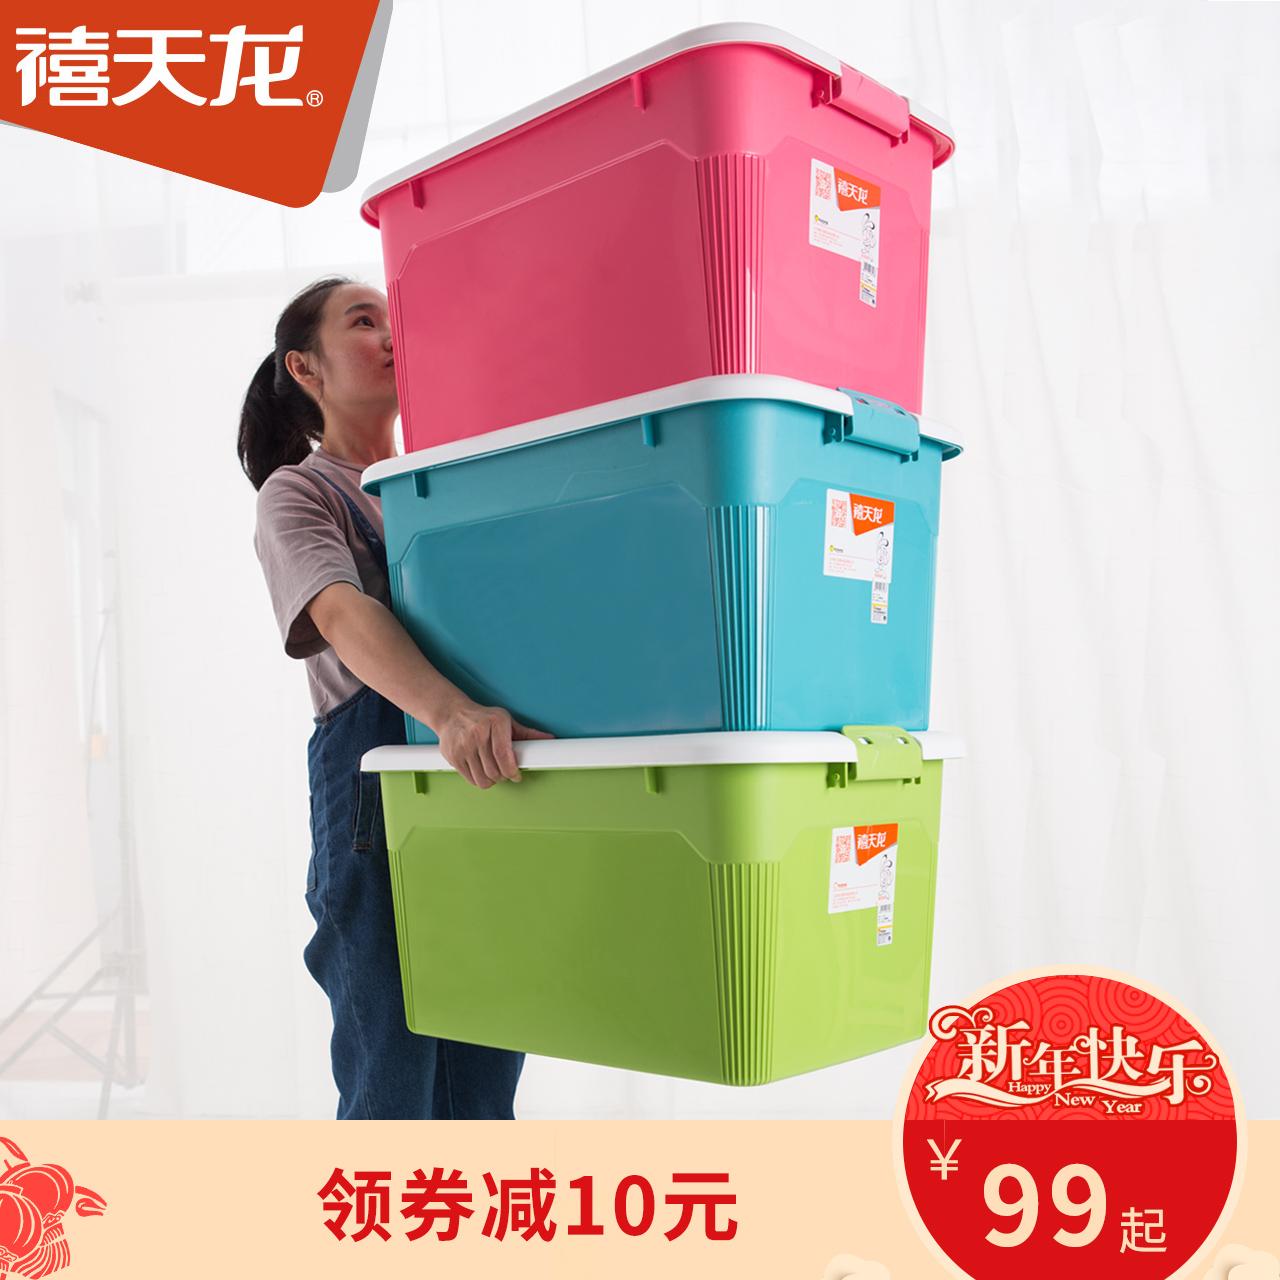 禧天龙 塑料整理箱 3个装3元优惠券